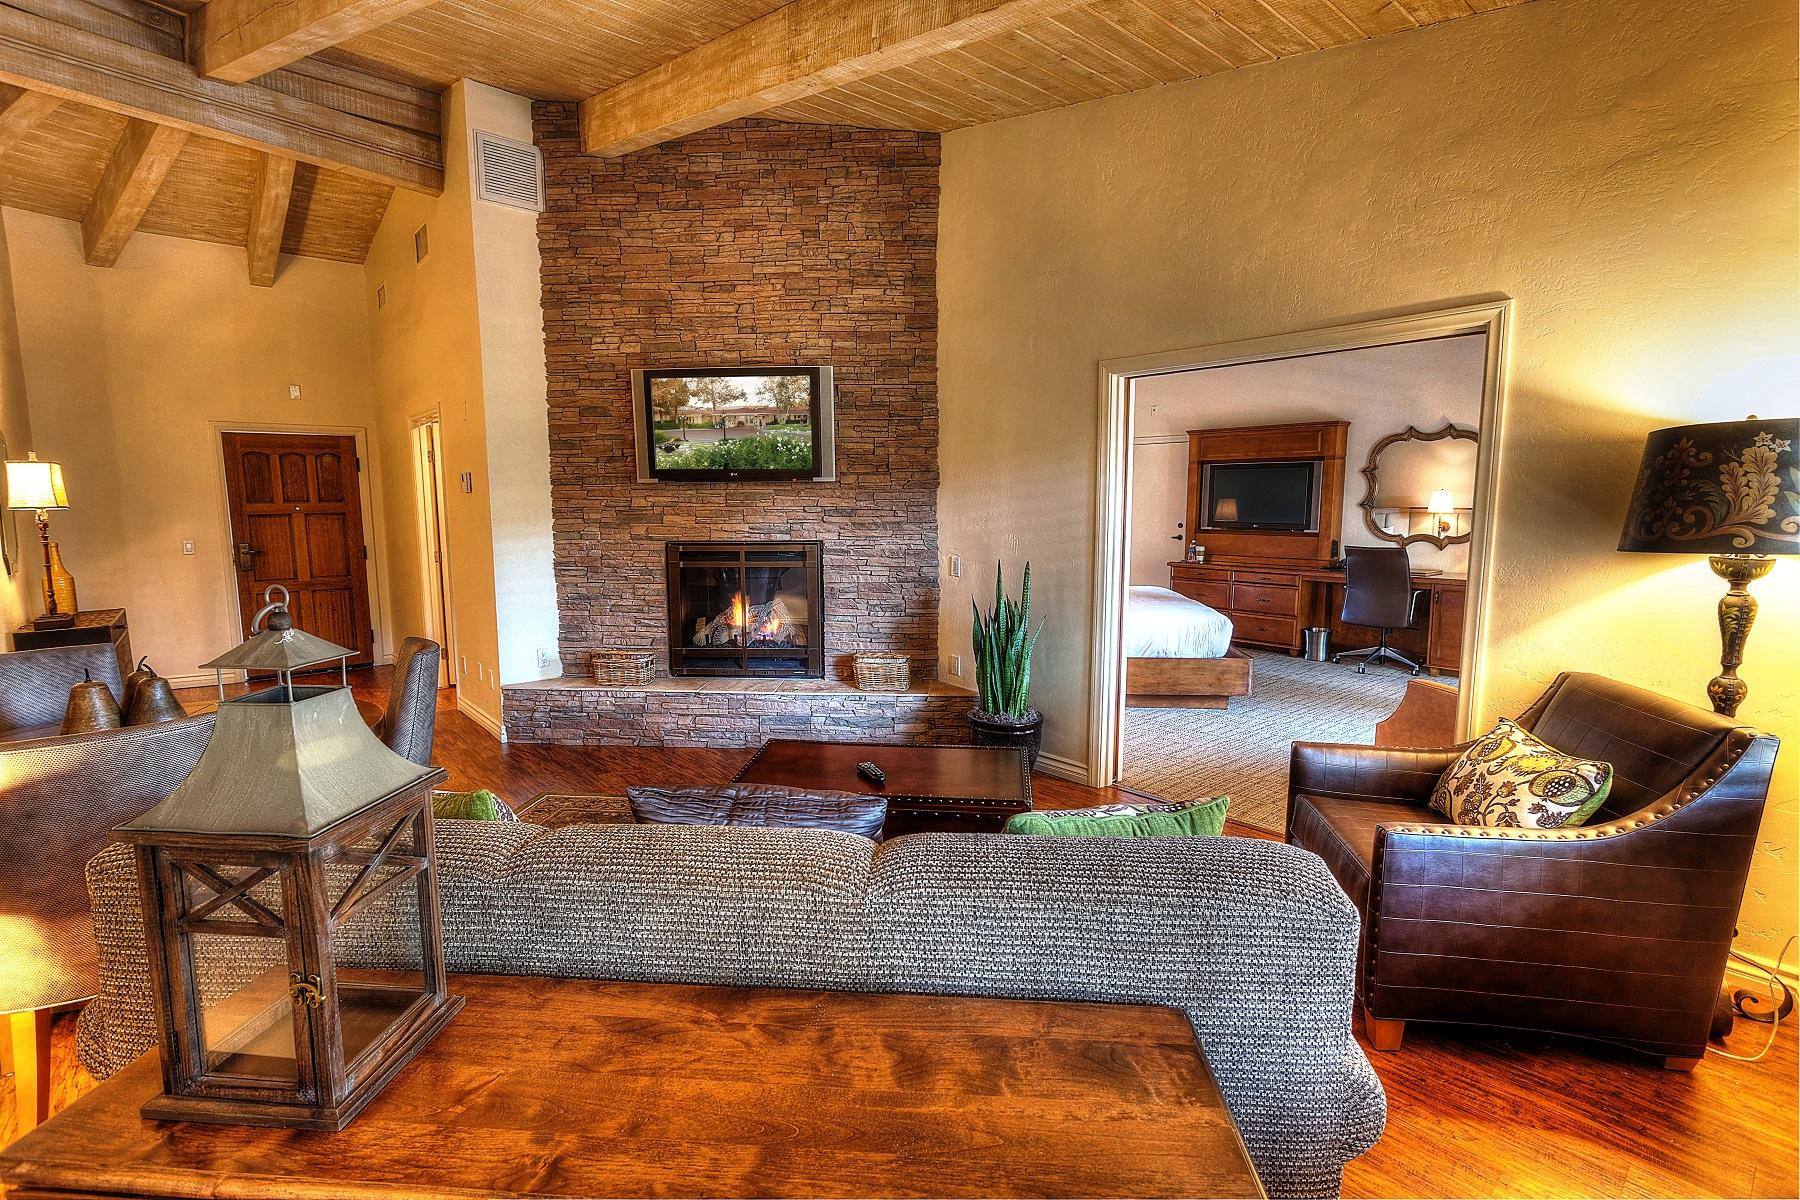 Estate Suite living room interior